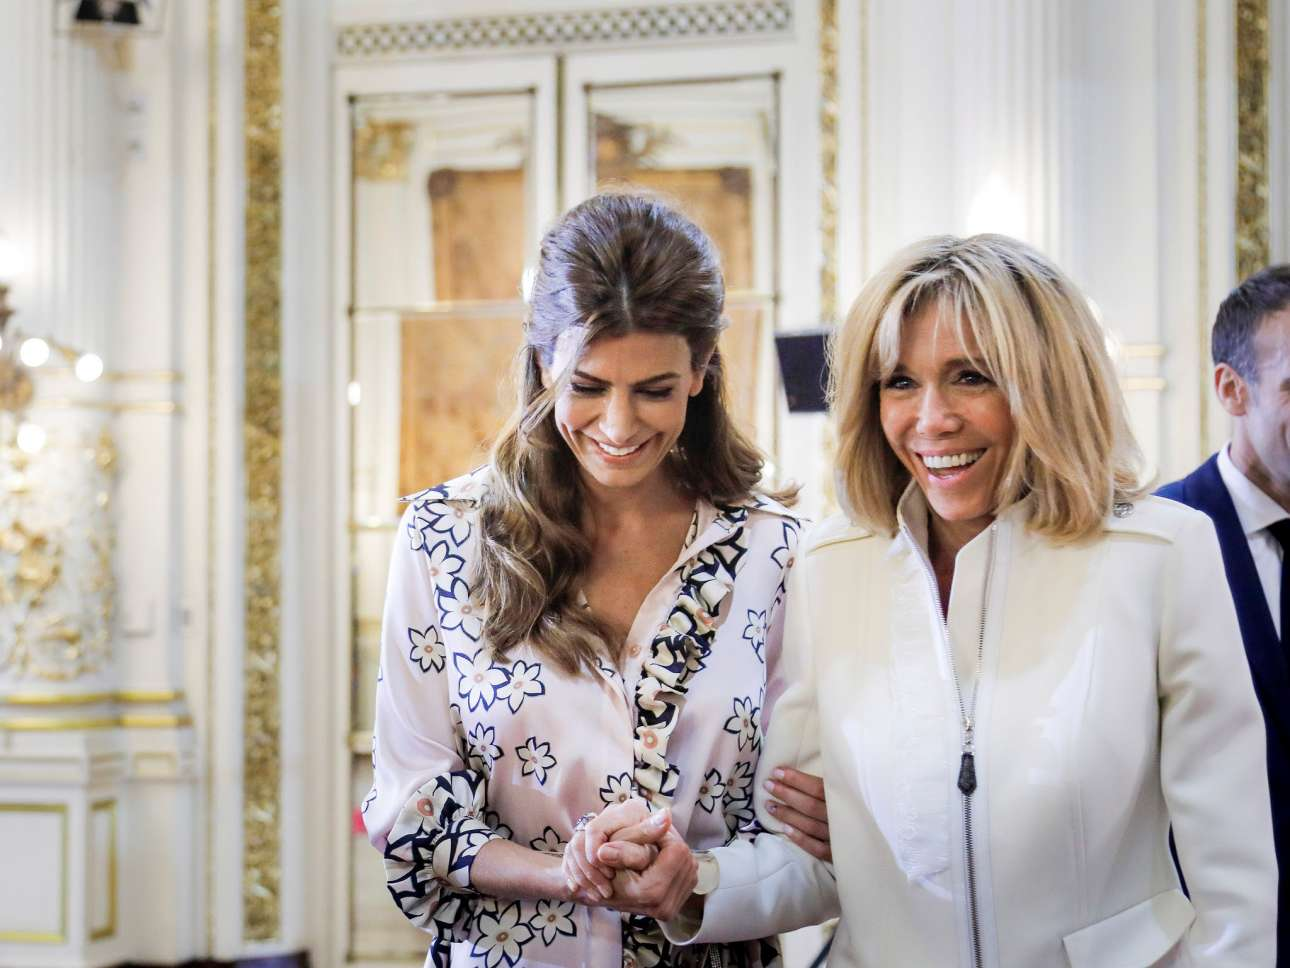 Οσο για τη Μπριζίτ Μακρόν έγινε δεκτή από τη σύζυγο του προέδρου της Αργεντινής Τζουλιάνα Αγουάντα